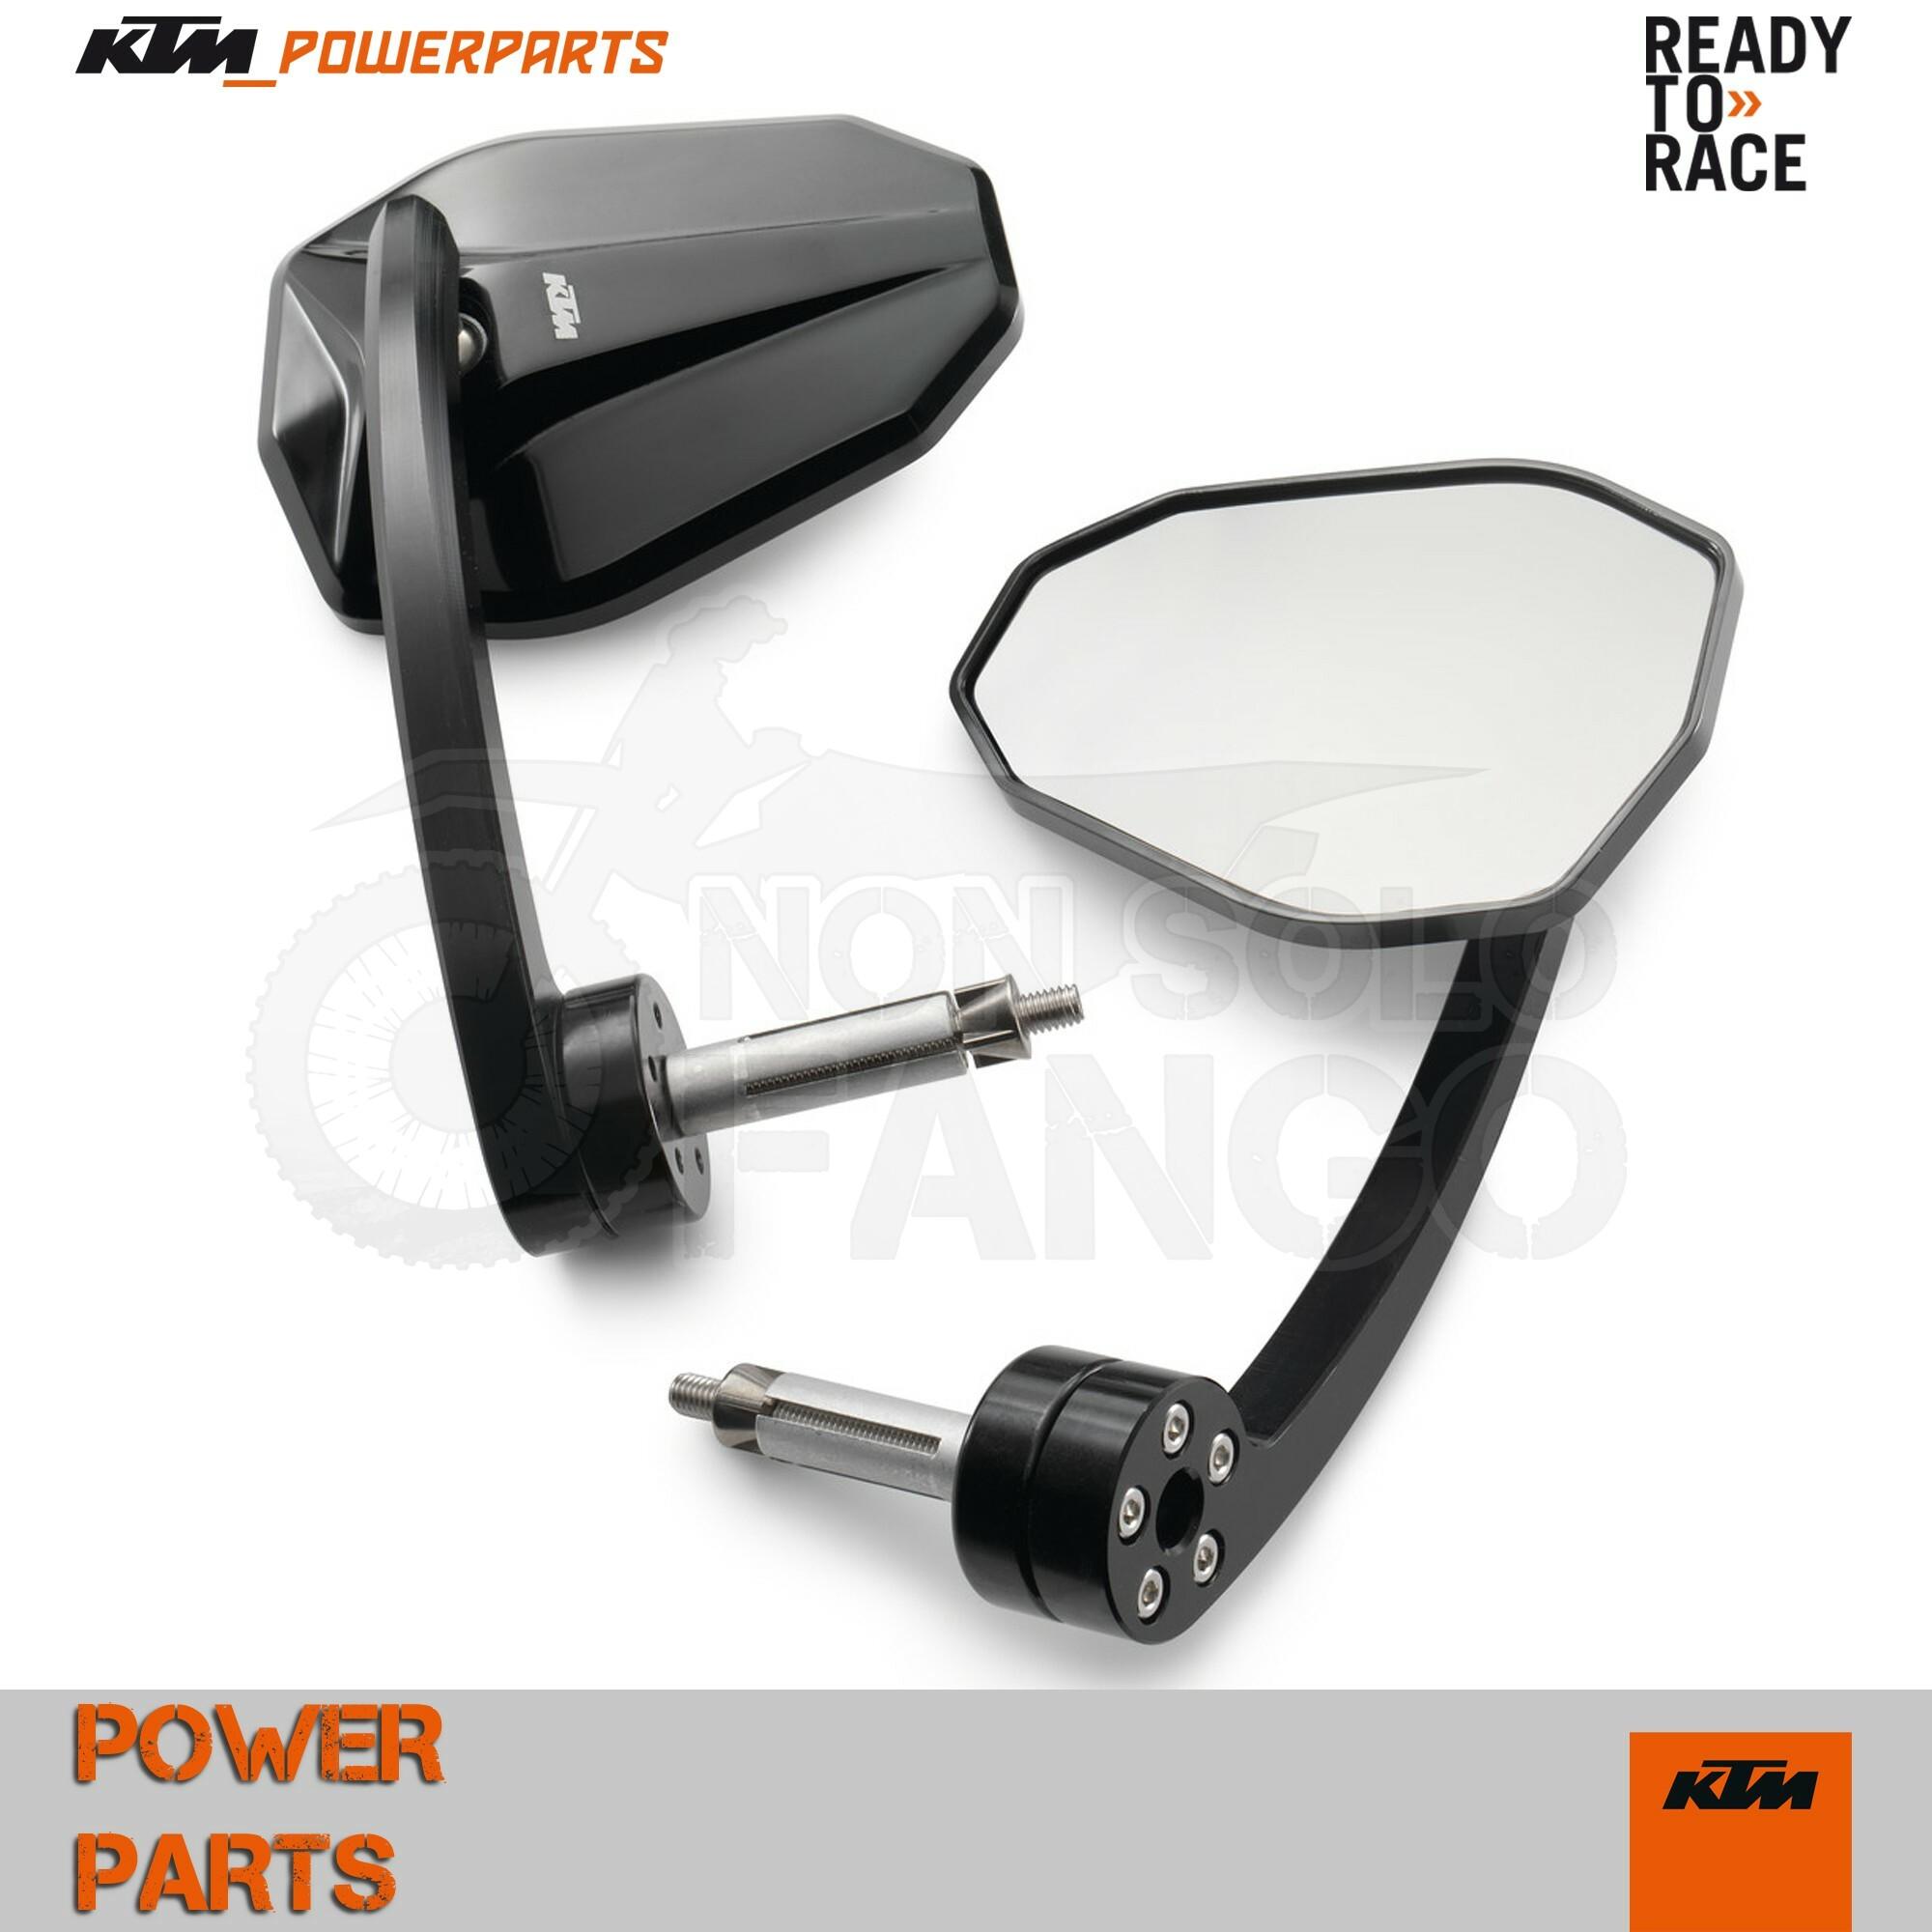 V47 K-TM 1290 790 Duke Set di specchietti per manubrio Super Duke R 390 Duke